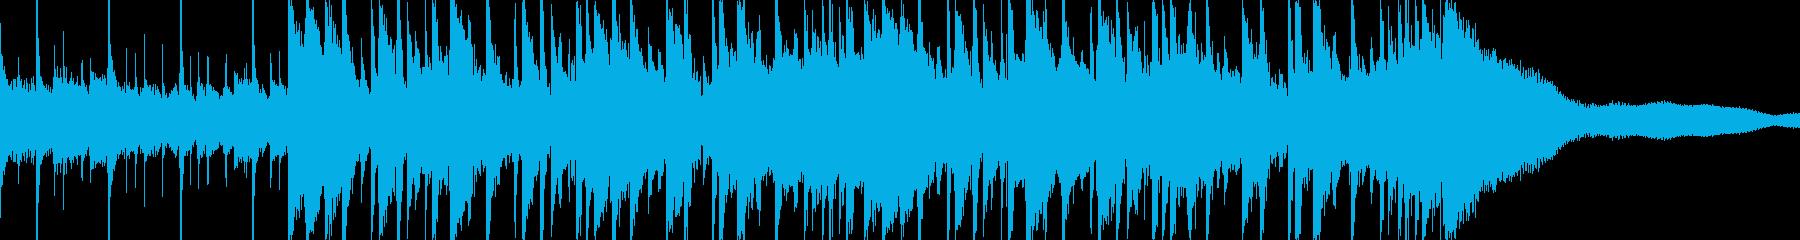 オシャレでどこなく落ち着くスローポップの再生済みの波形